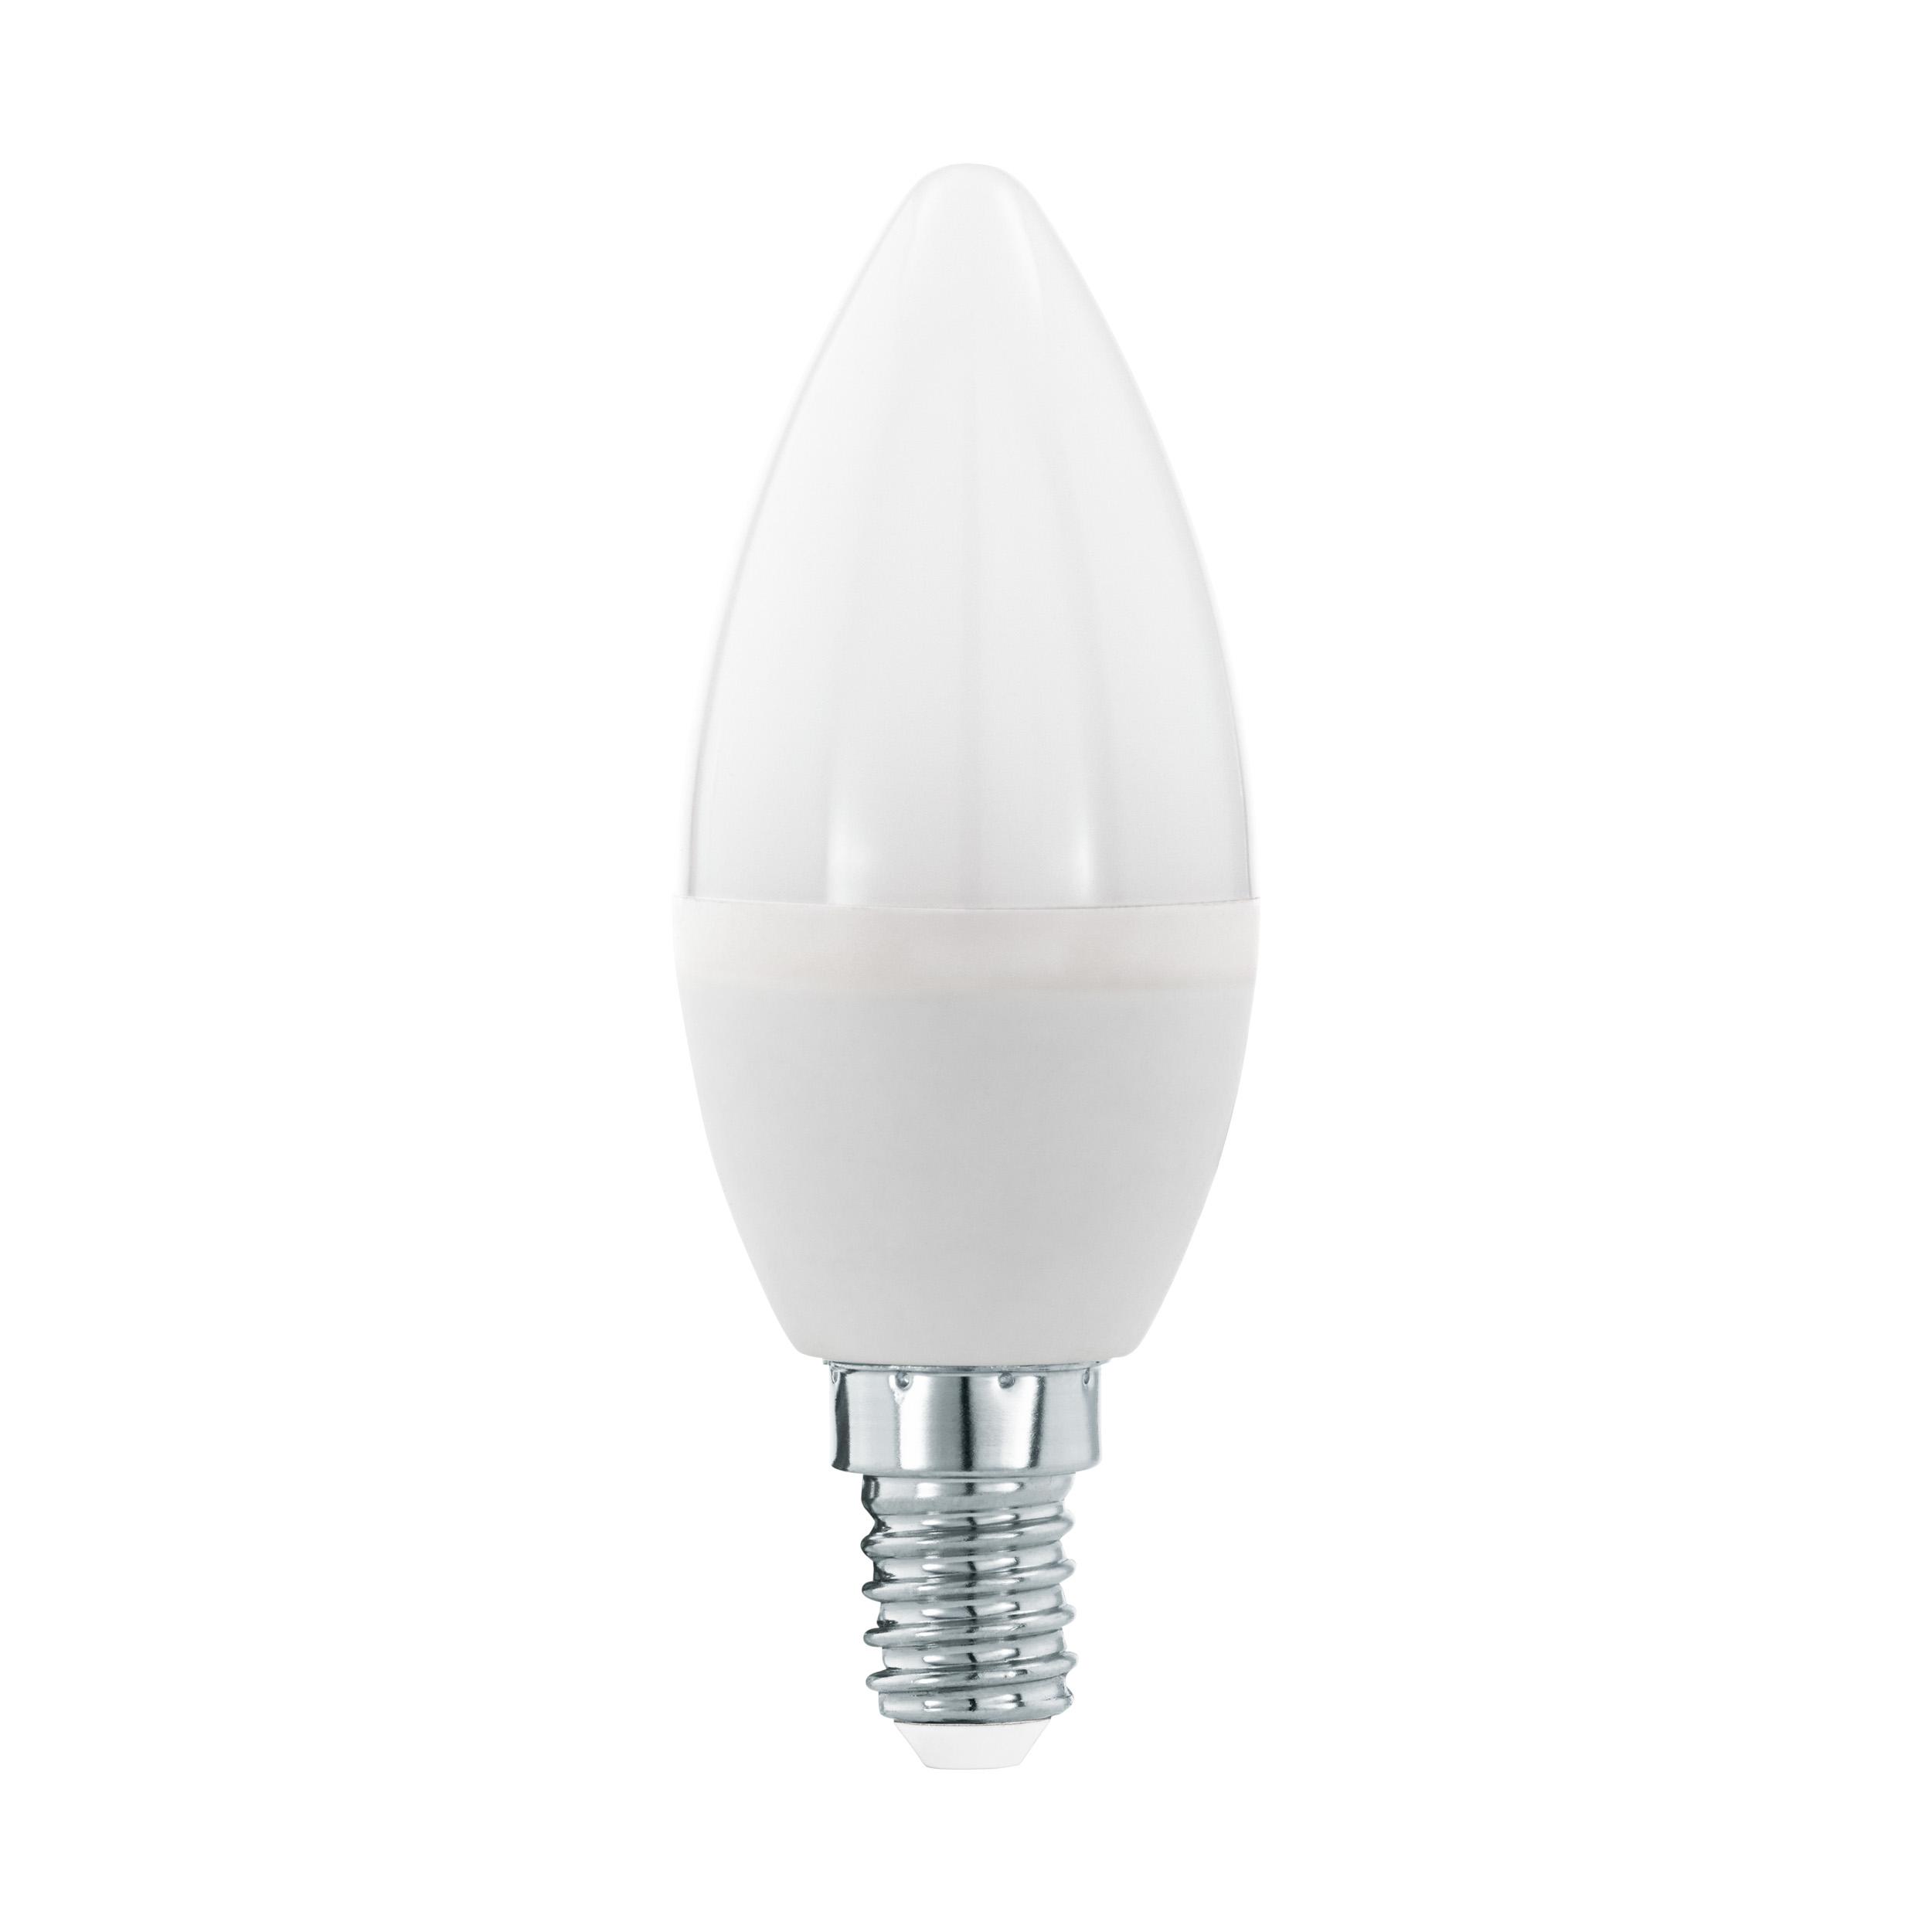 1 Stk E14-LED-C37 5,5W / Kerze 3000  LI69181---